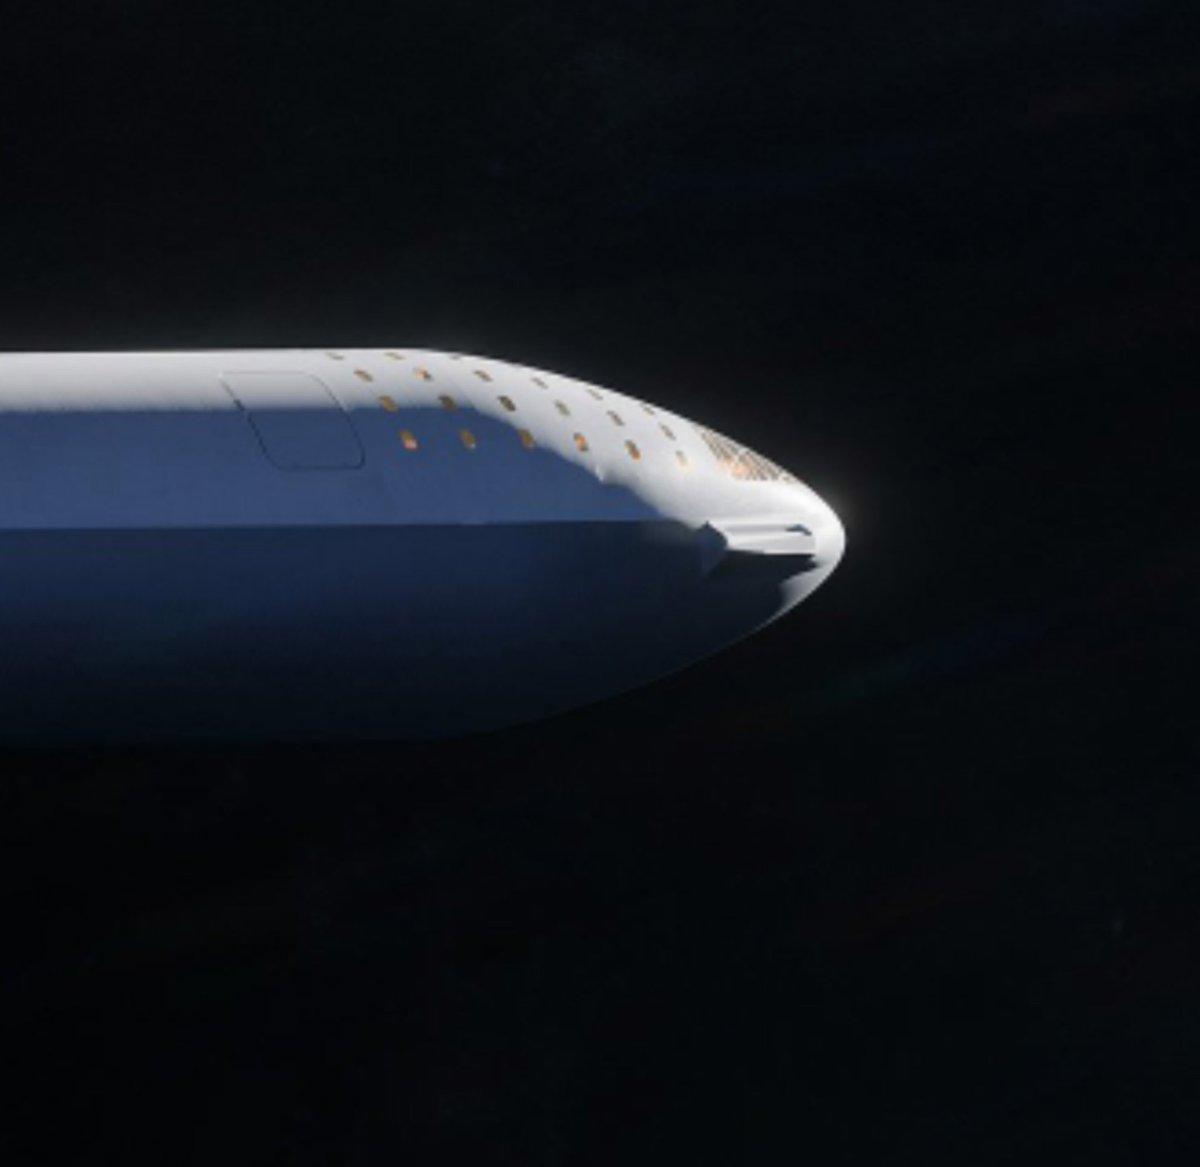 StarShip / SuperHeavy, ex BFR - Suivi du développement - Page 13 DnBElYVWsAIgAIw?format=jpg